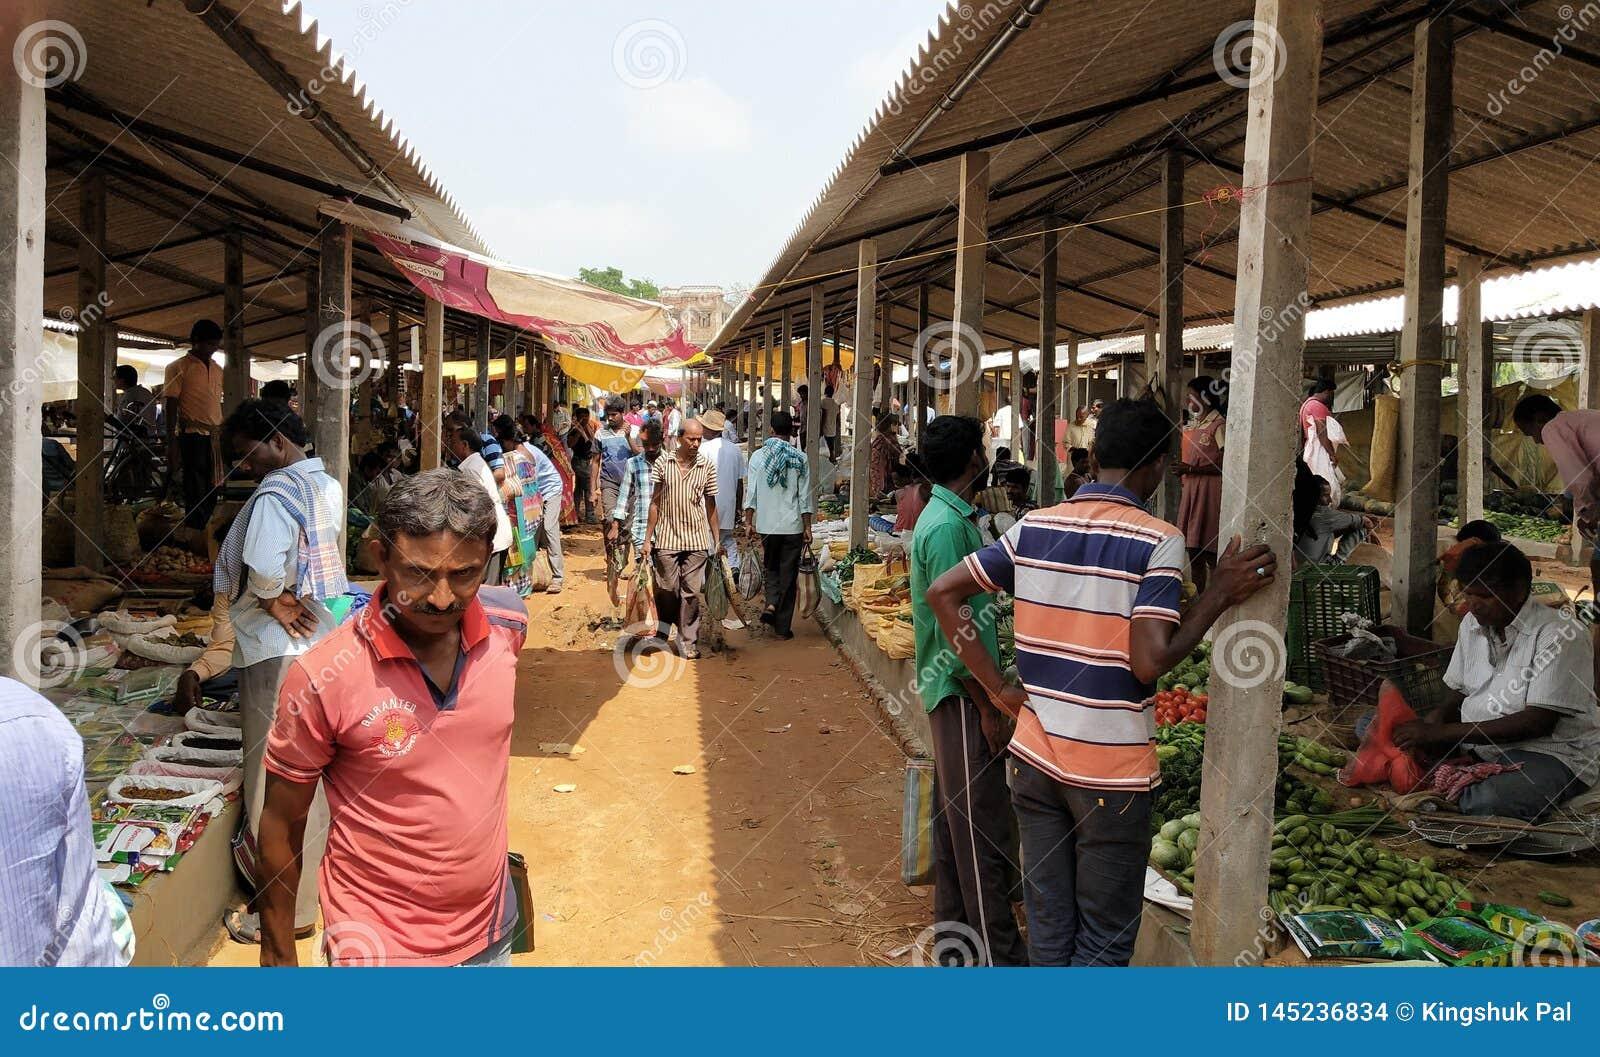 Indian, Village Sites Market Place, West Bengal, Paschim